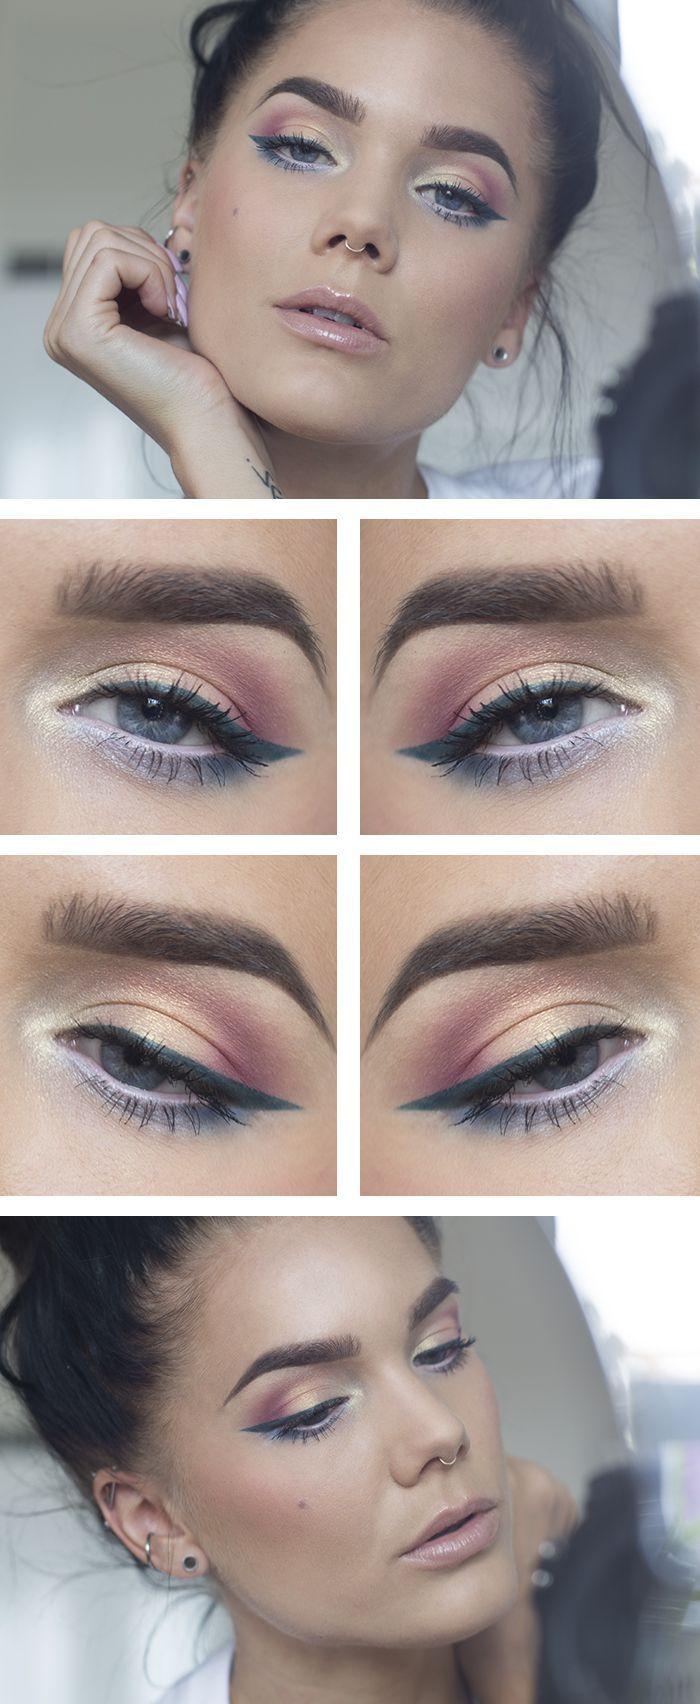 LuLu*s How-To: Basic Contour Makeup Tutorial